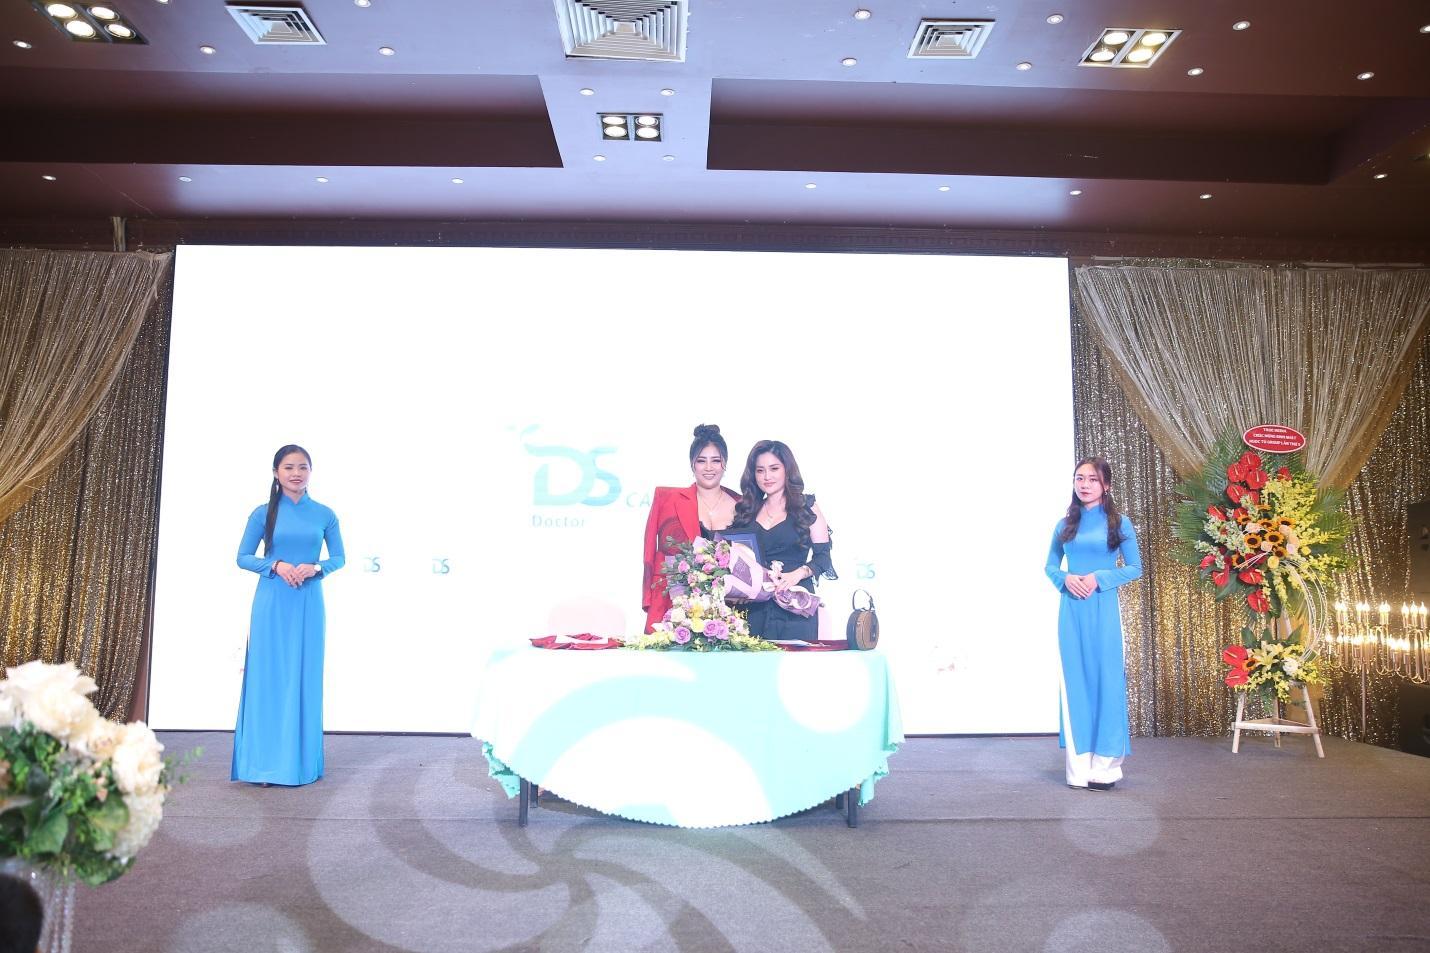 Ngọc Tú Group tưng bừng kỉ niệm sinh nhật lần thứ 5 tại Hà Nội - Ảnh 3